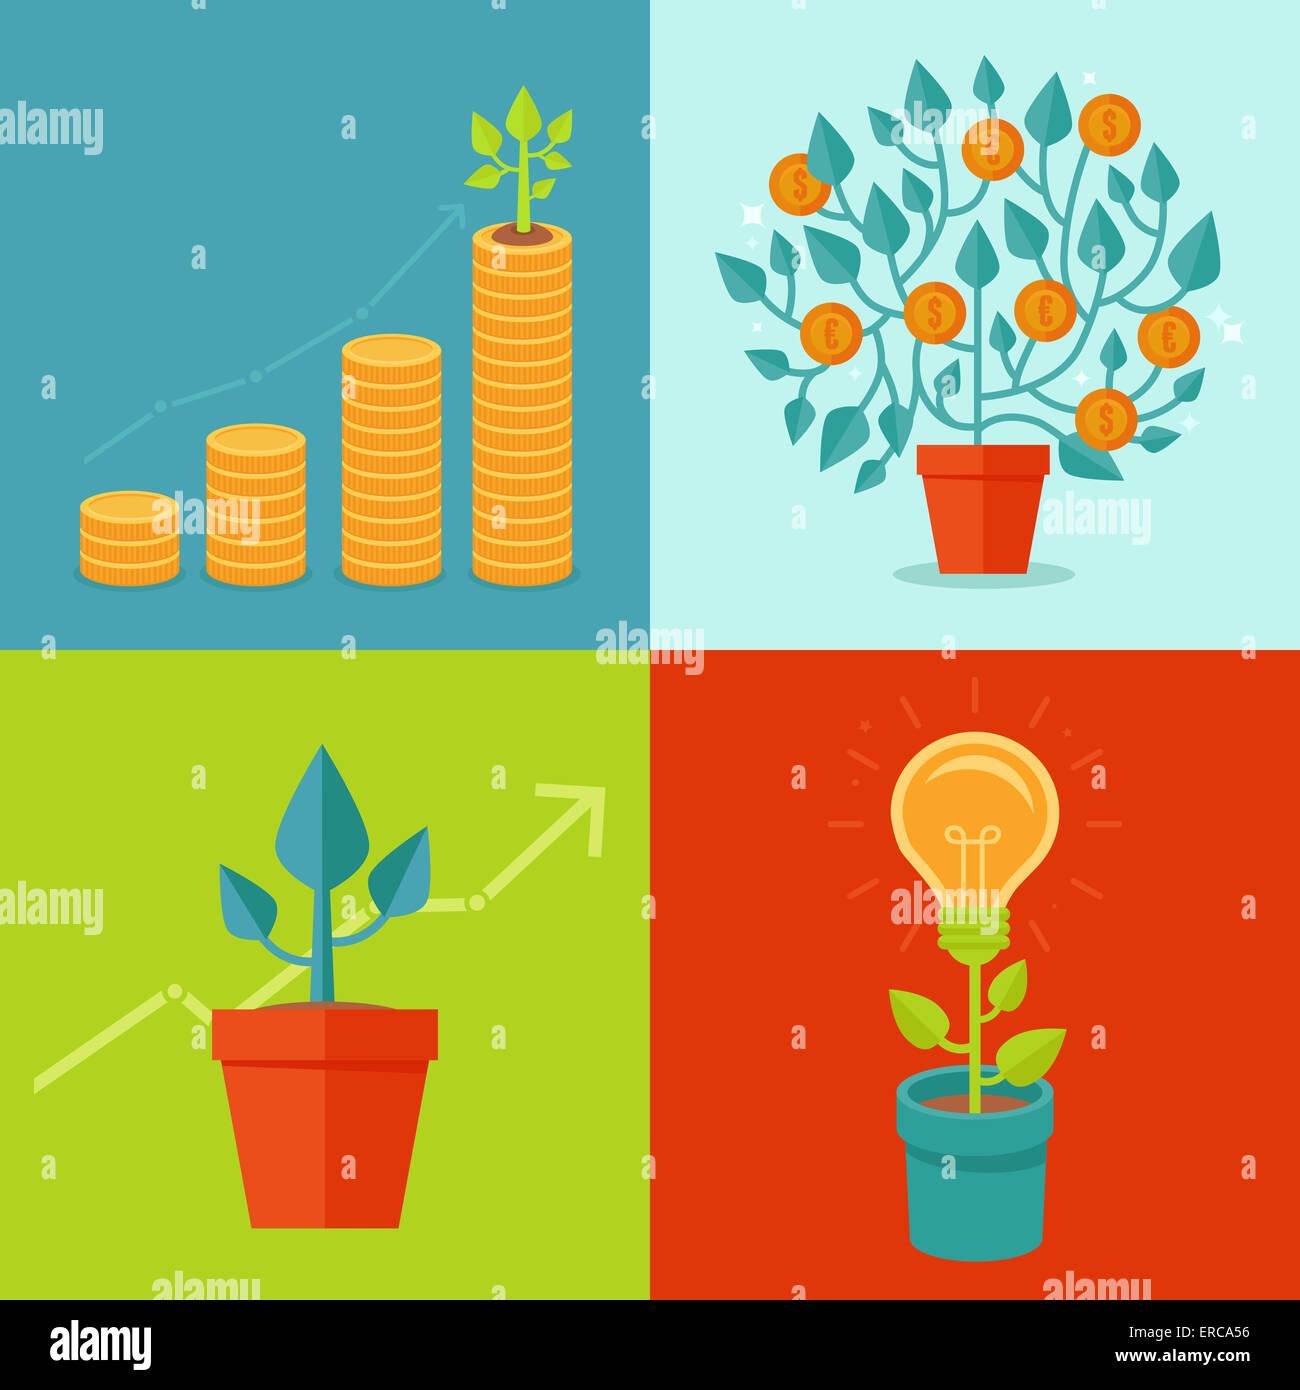 Concepts de croissance en télévision style - illustrations liées au progrès et au développement Photo Stock